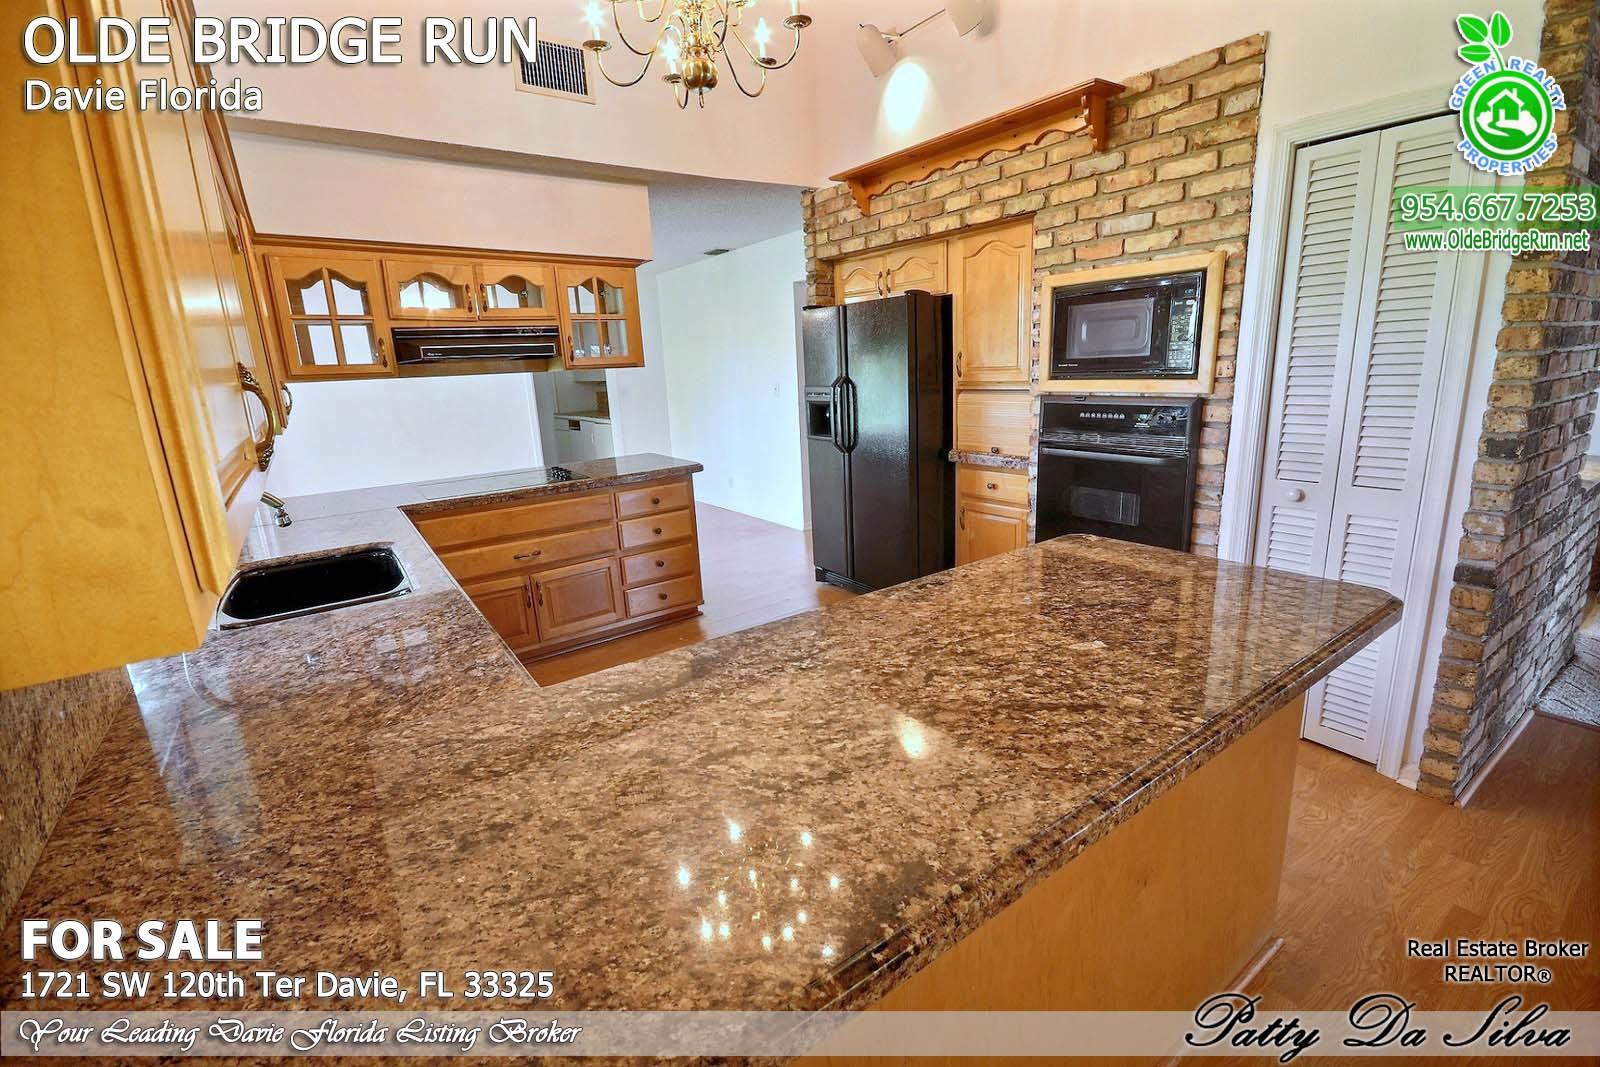 Olde Bridge Run Homes in Davie FL (20)